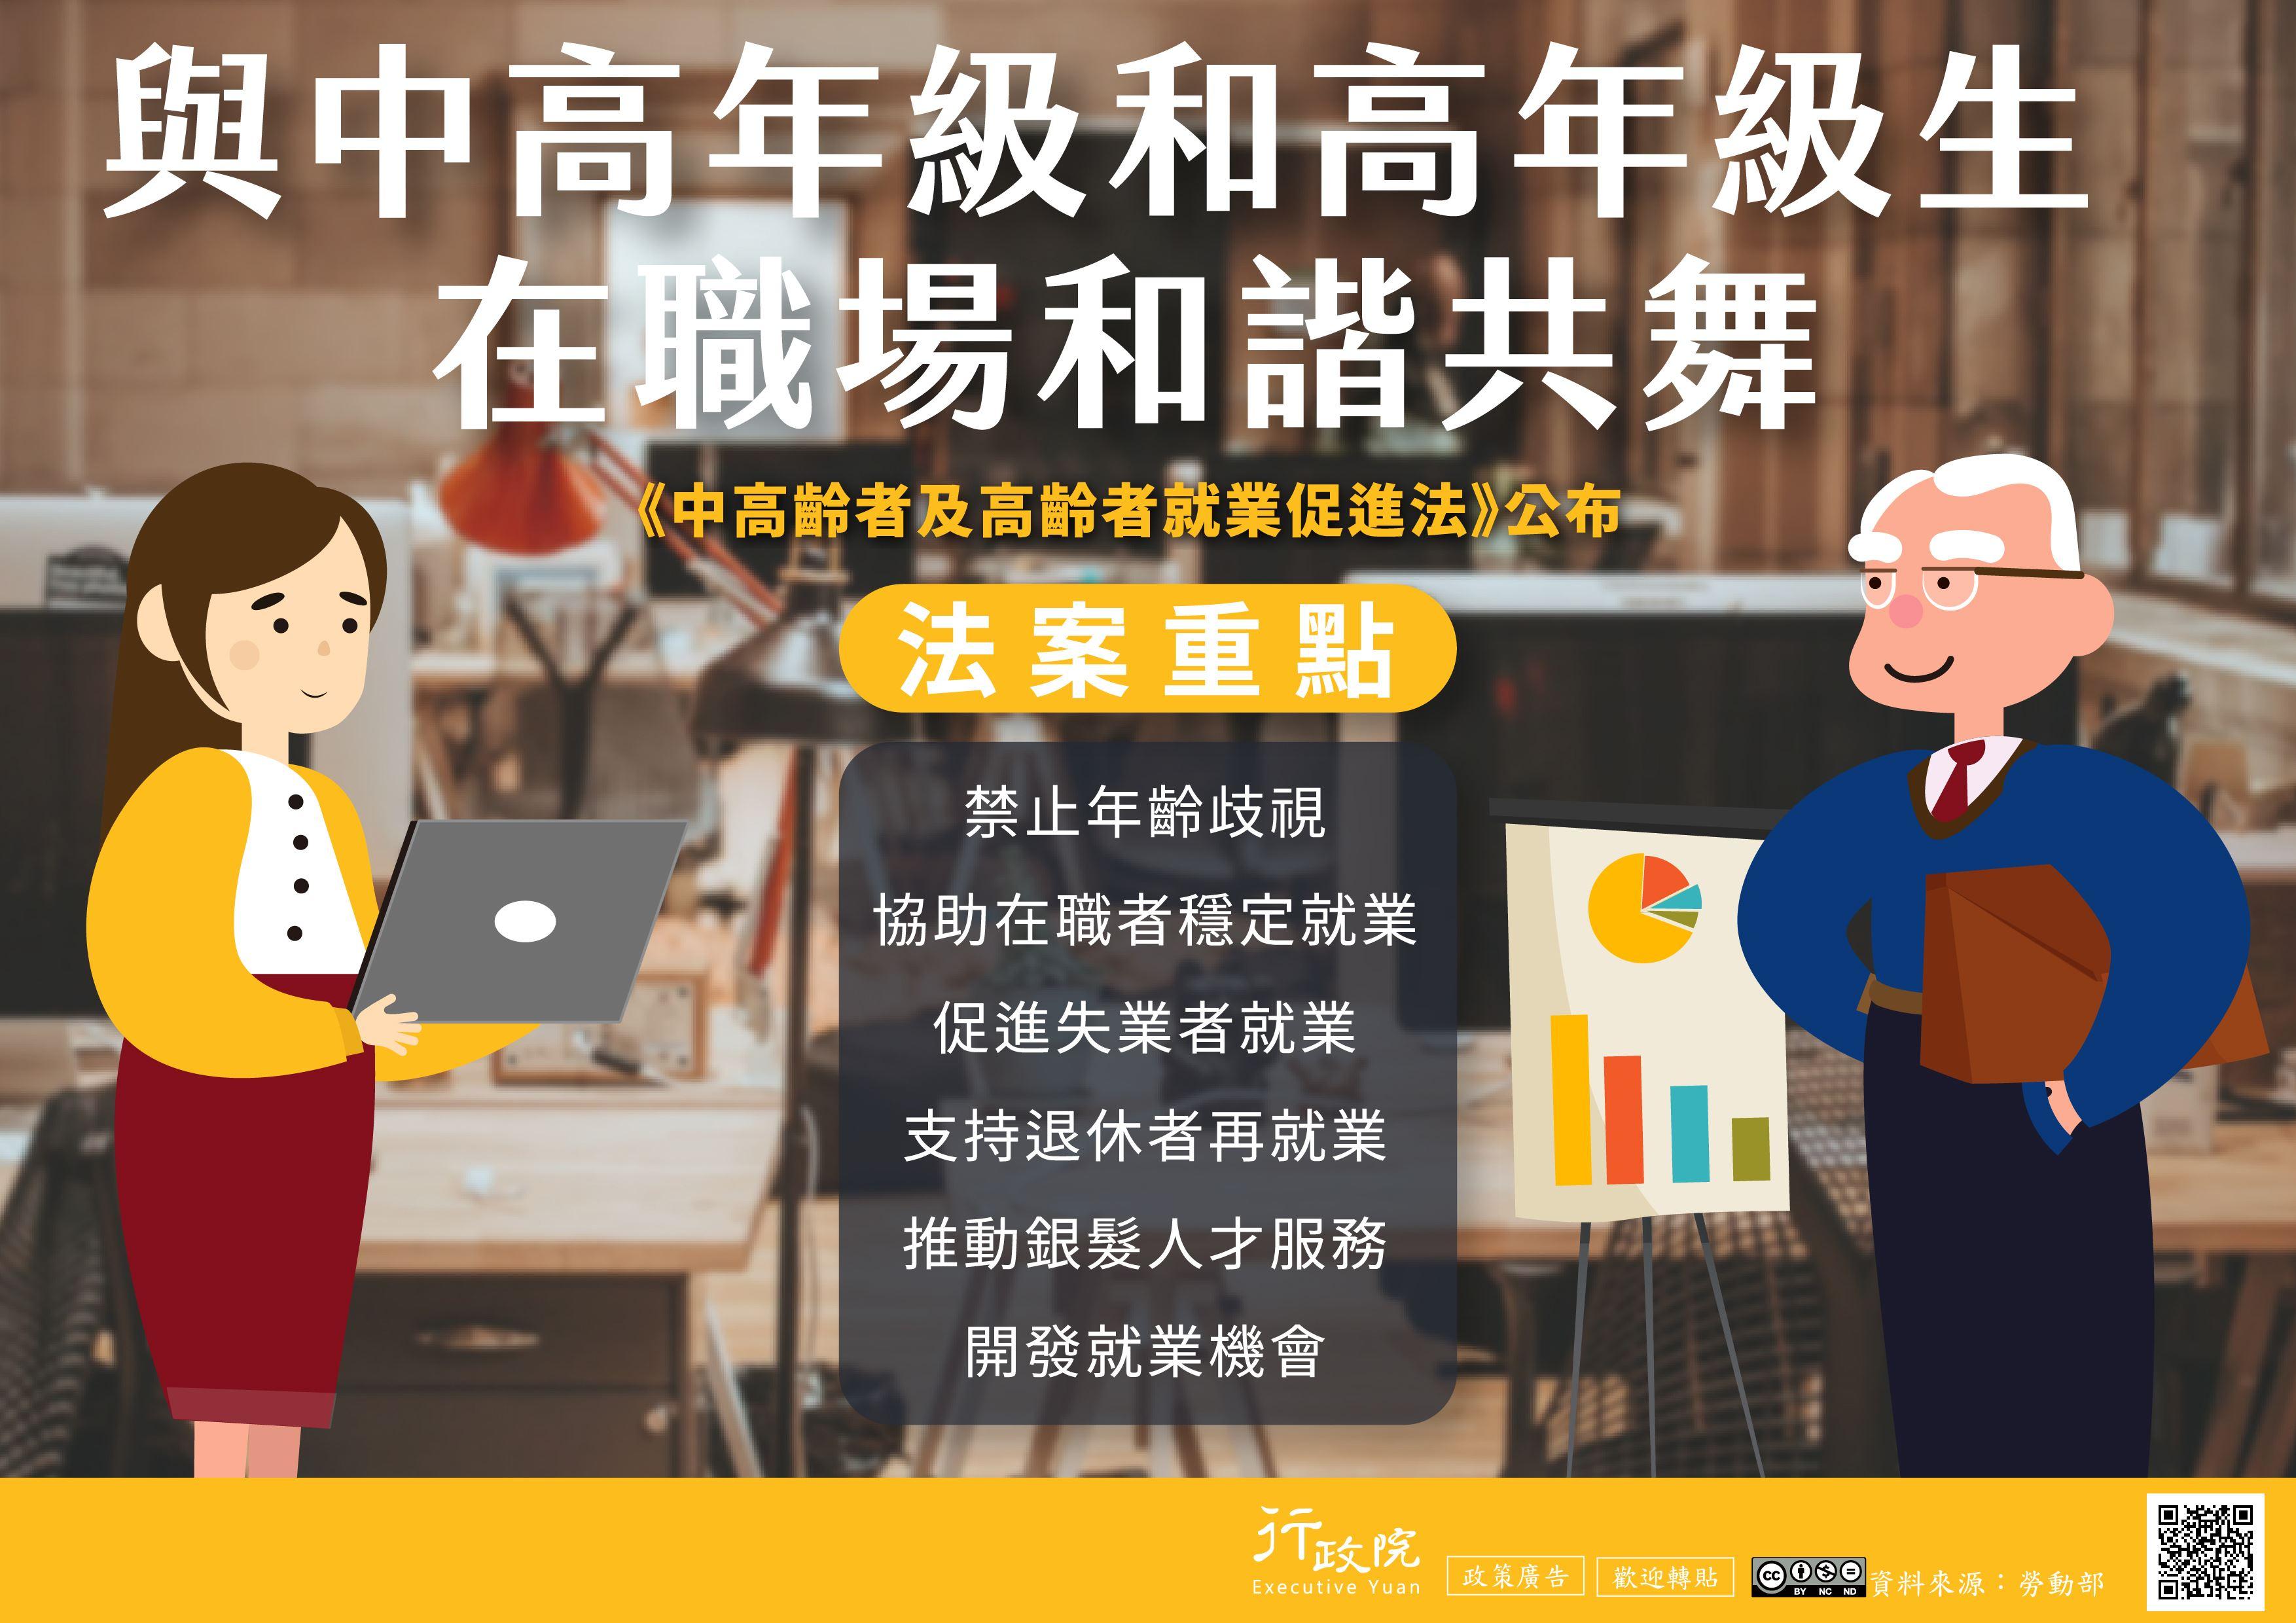 中高齡者及高齡促進就業法